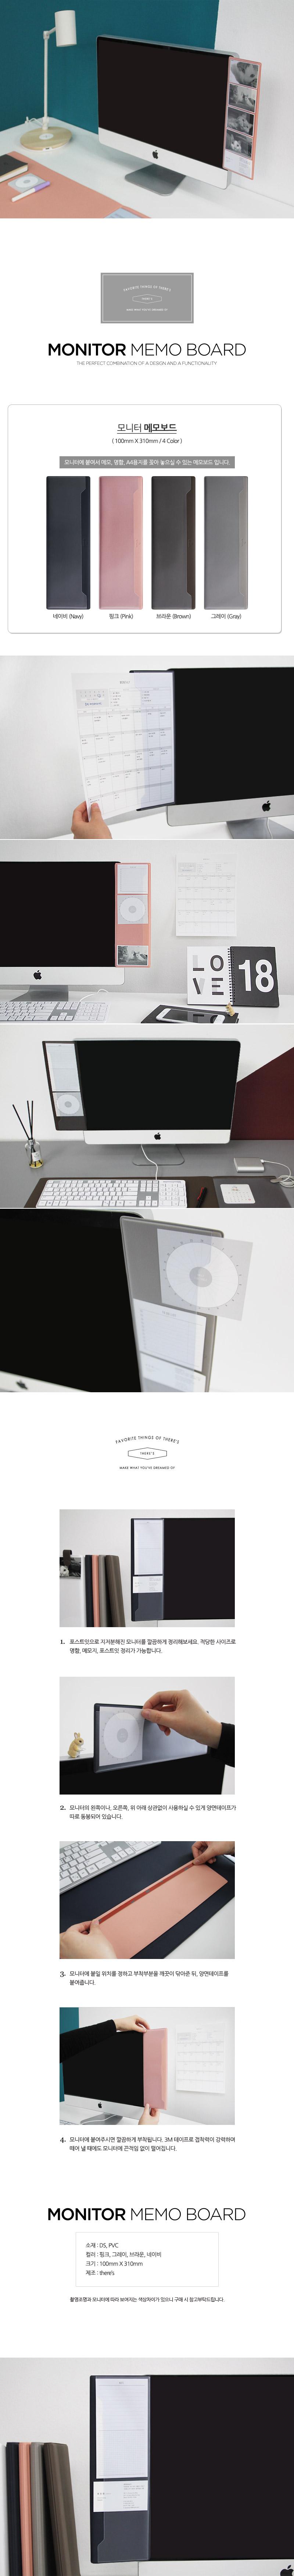 데얼스 모니터 메모보드 - 데얼스, 4,800원, 데스크가구, 모니터메모보드